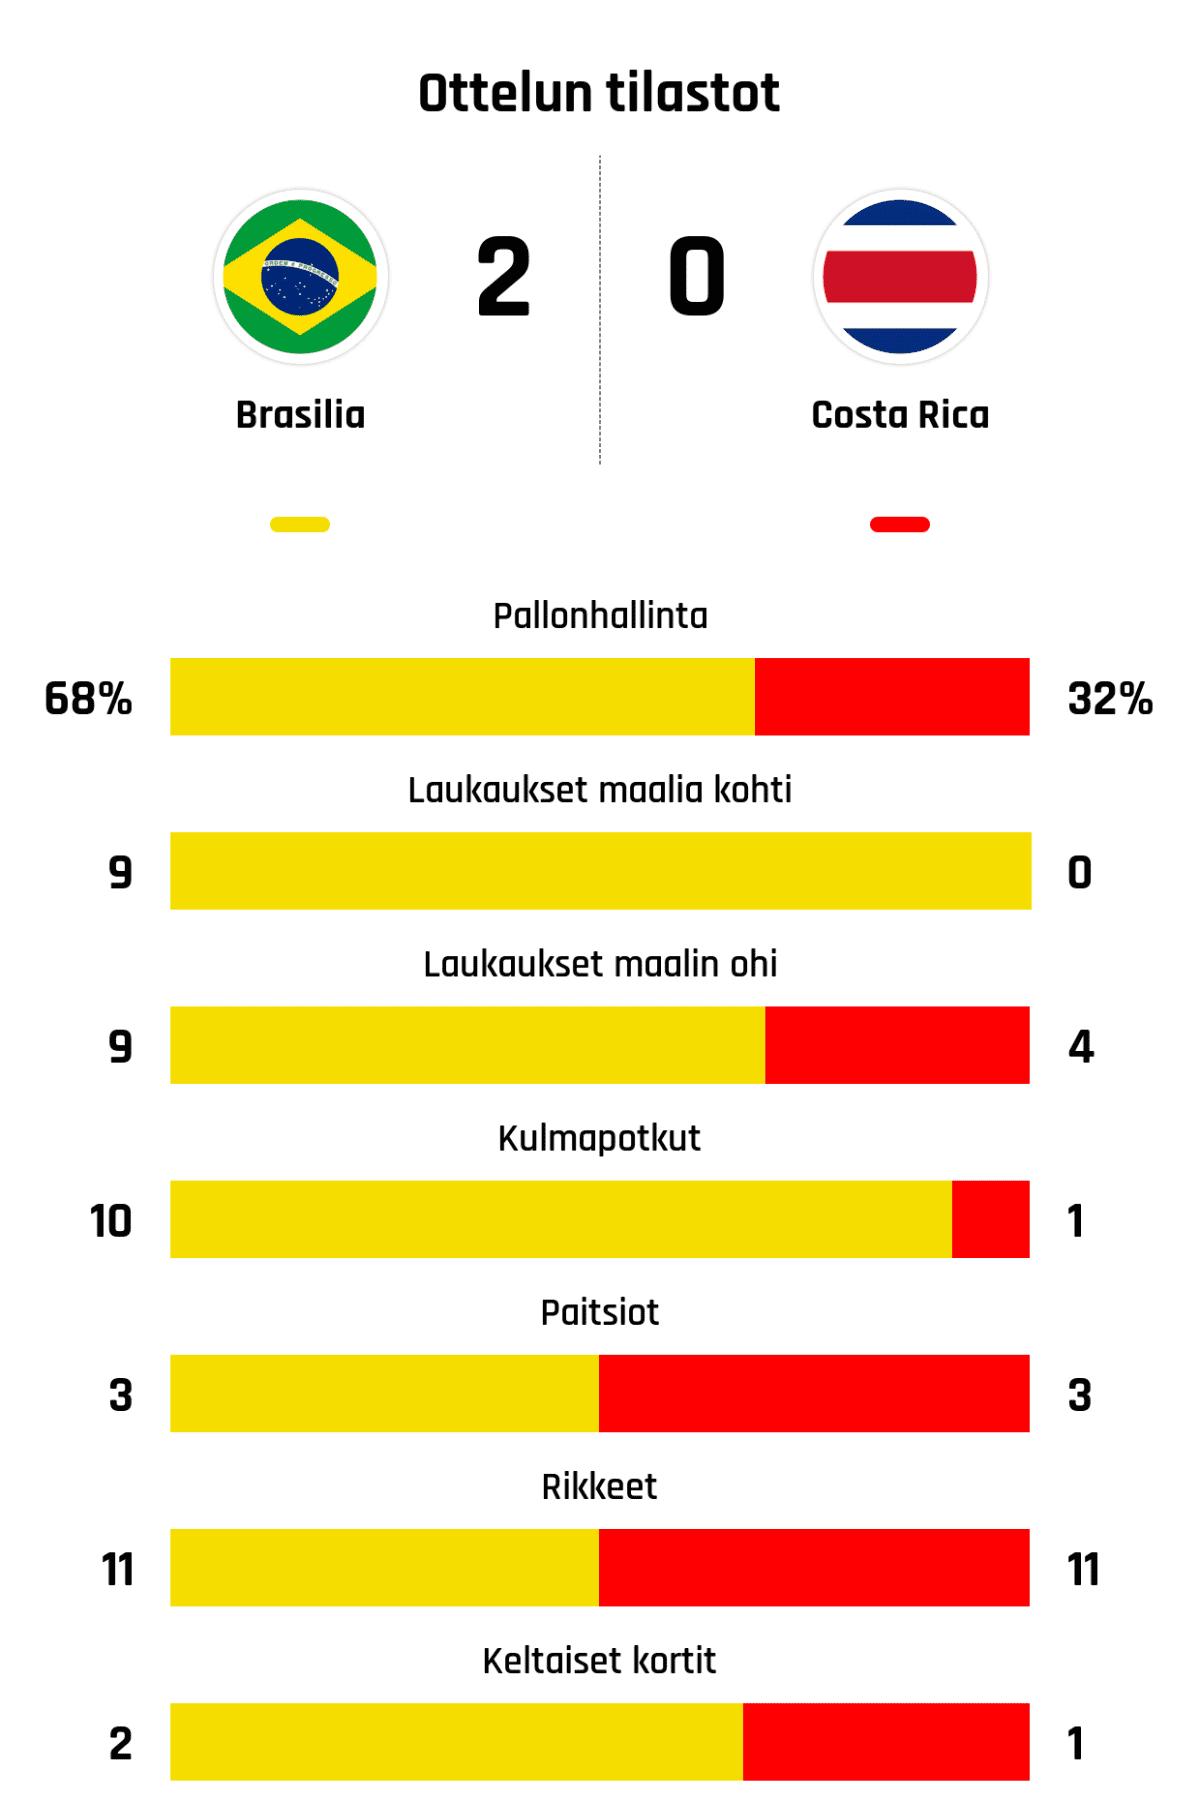 Pallonhallinta 68%-32% Laukaukset maalia kohti 9-0 Laukaukset maalin ohi 9-4 Kulmapotkut 10-1 Paitsiot 3-3 Rikkeet 11-11 Keltaiset kortit 2-1